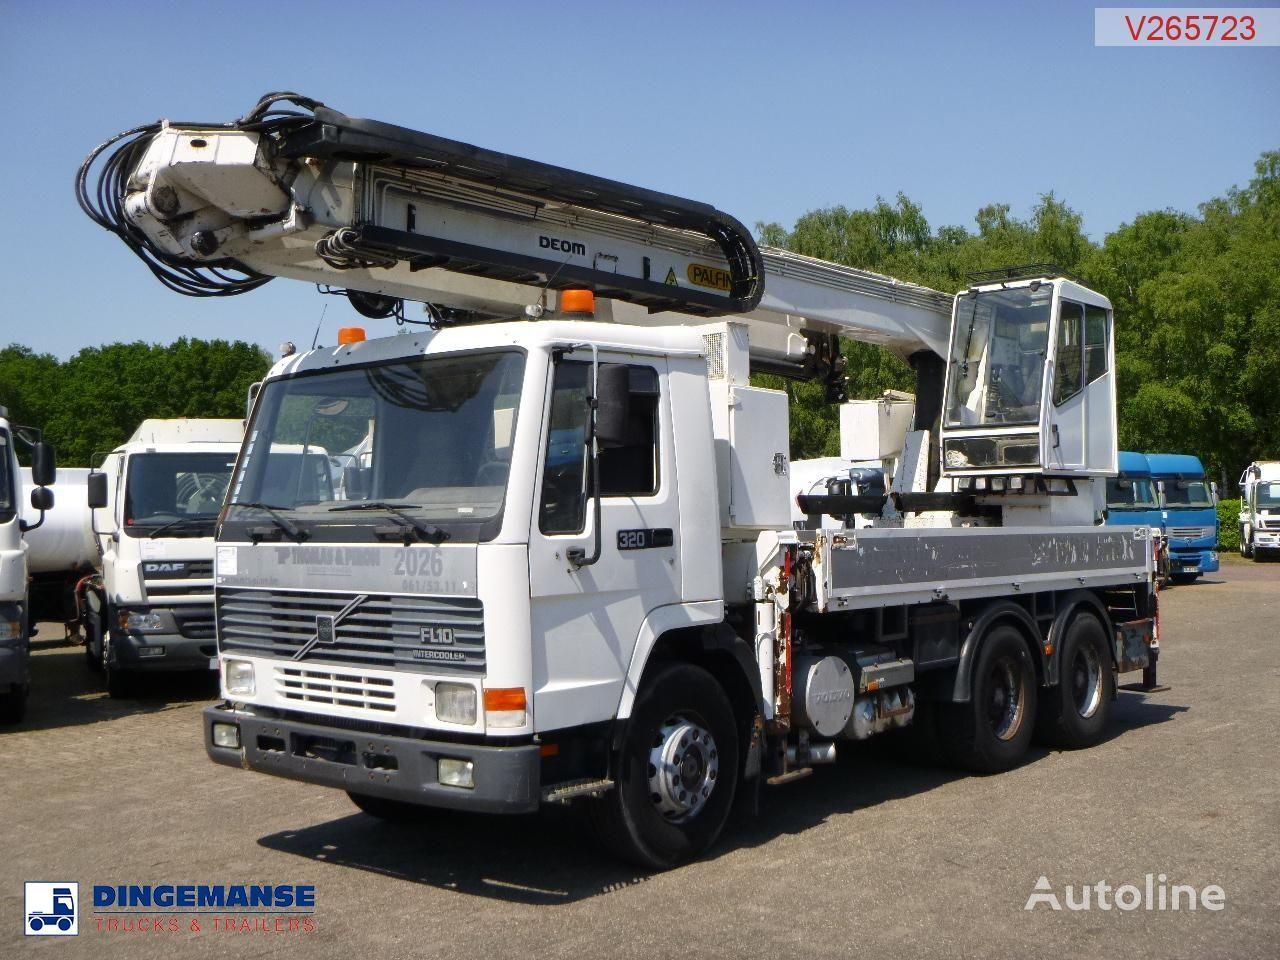 valník VOLVO FL10 Crane truck- PK680TK